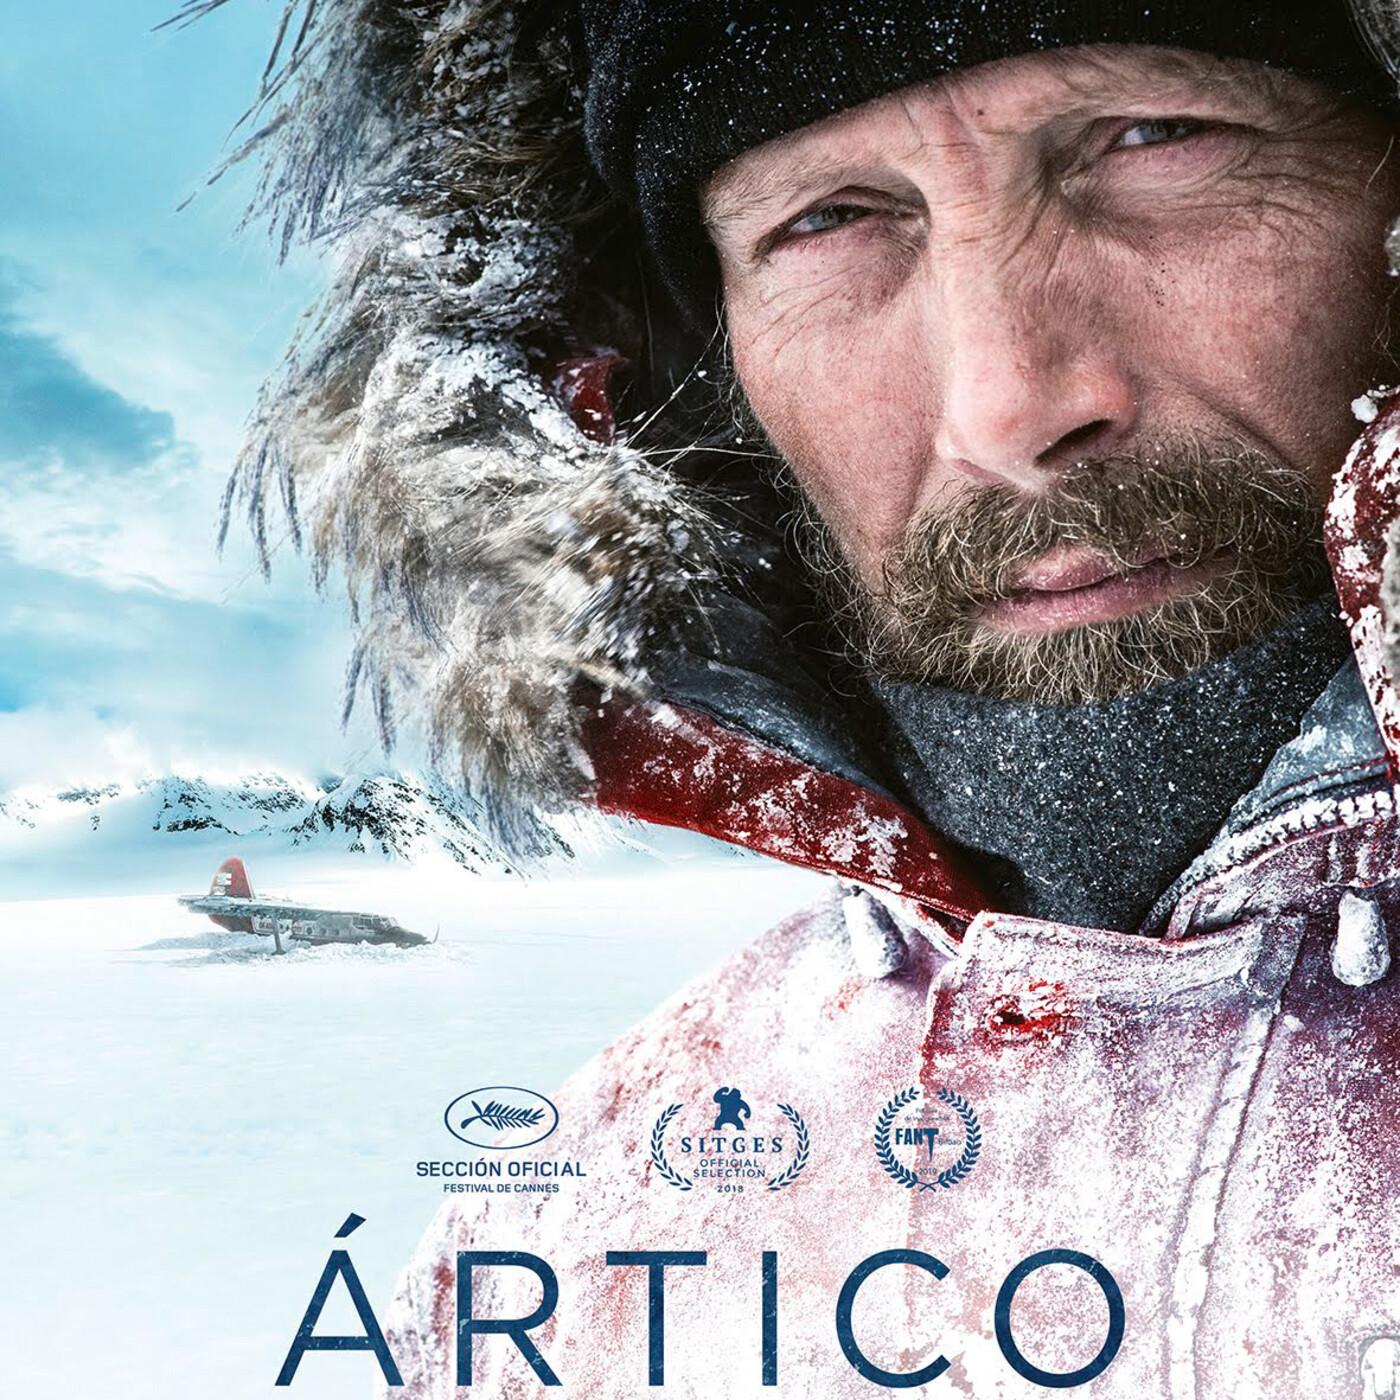 Ártico (2018) #Aventuras #Supervivencia #Naturaleza #peliculas #audesc #podcast